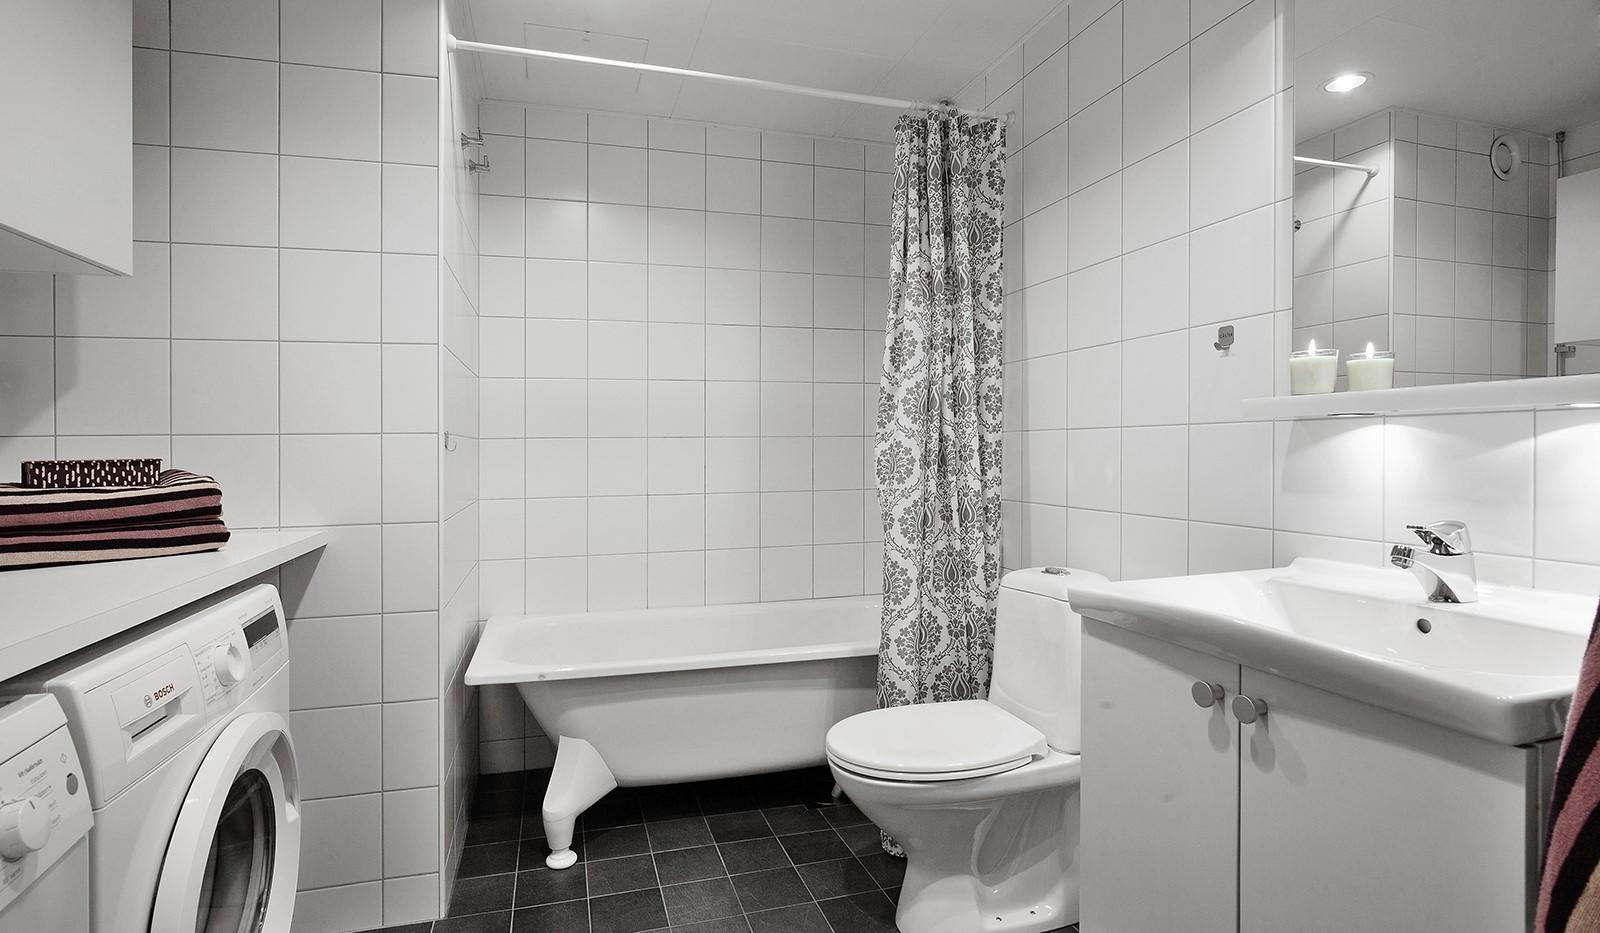 Sjöviksvägen 37, 1tr - Fint helkaklat badrum